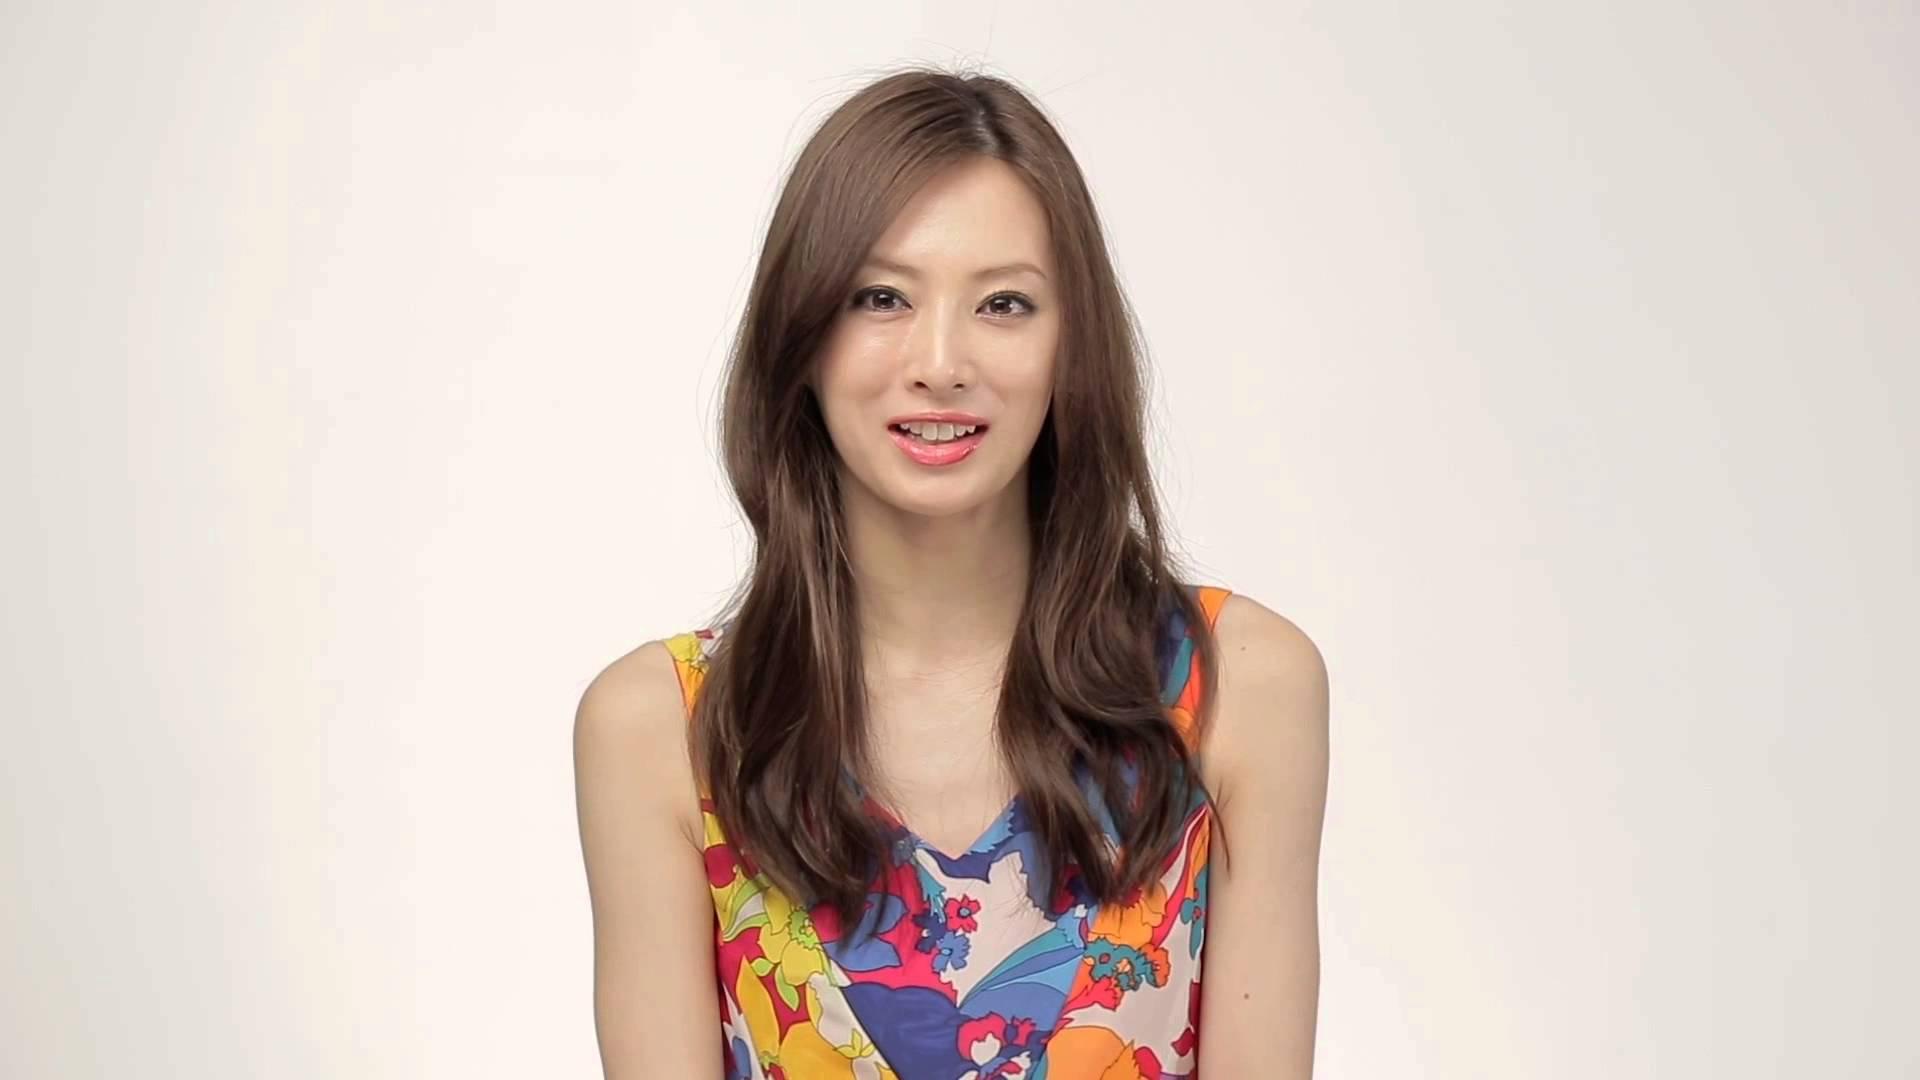 【美人女優】北川景子さんが出演するおすすめ映画を大公開します!のサムネイル画像